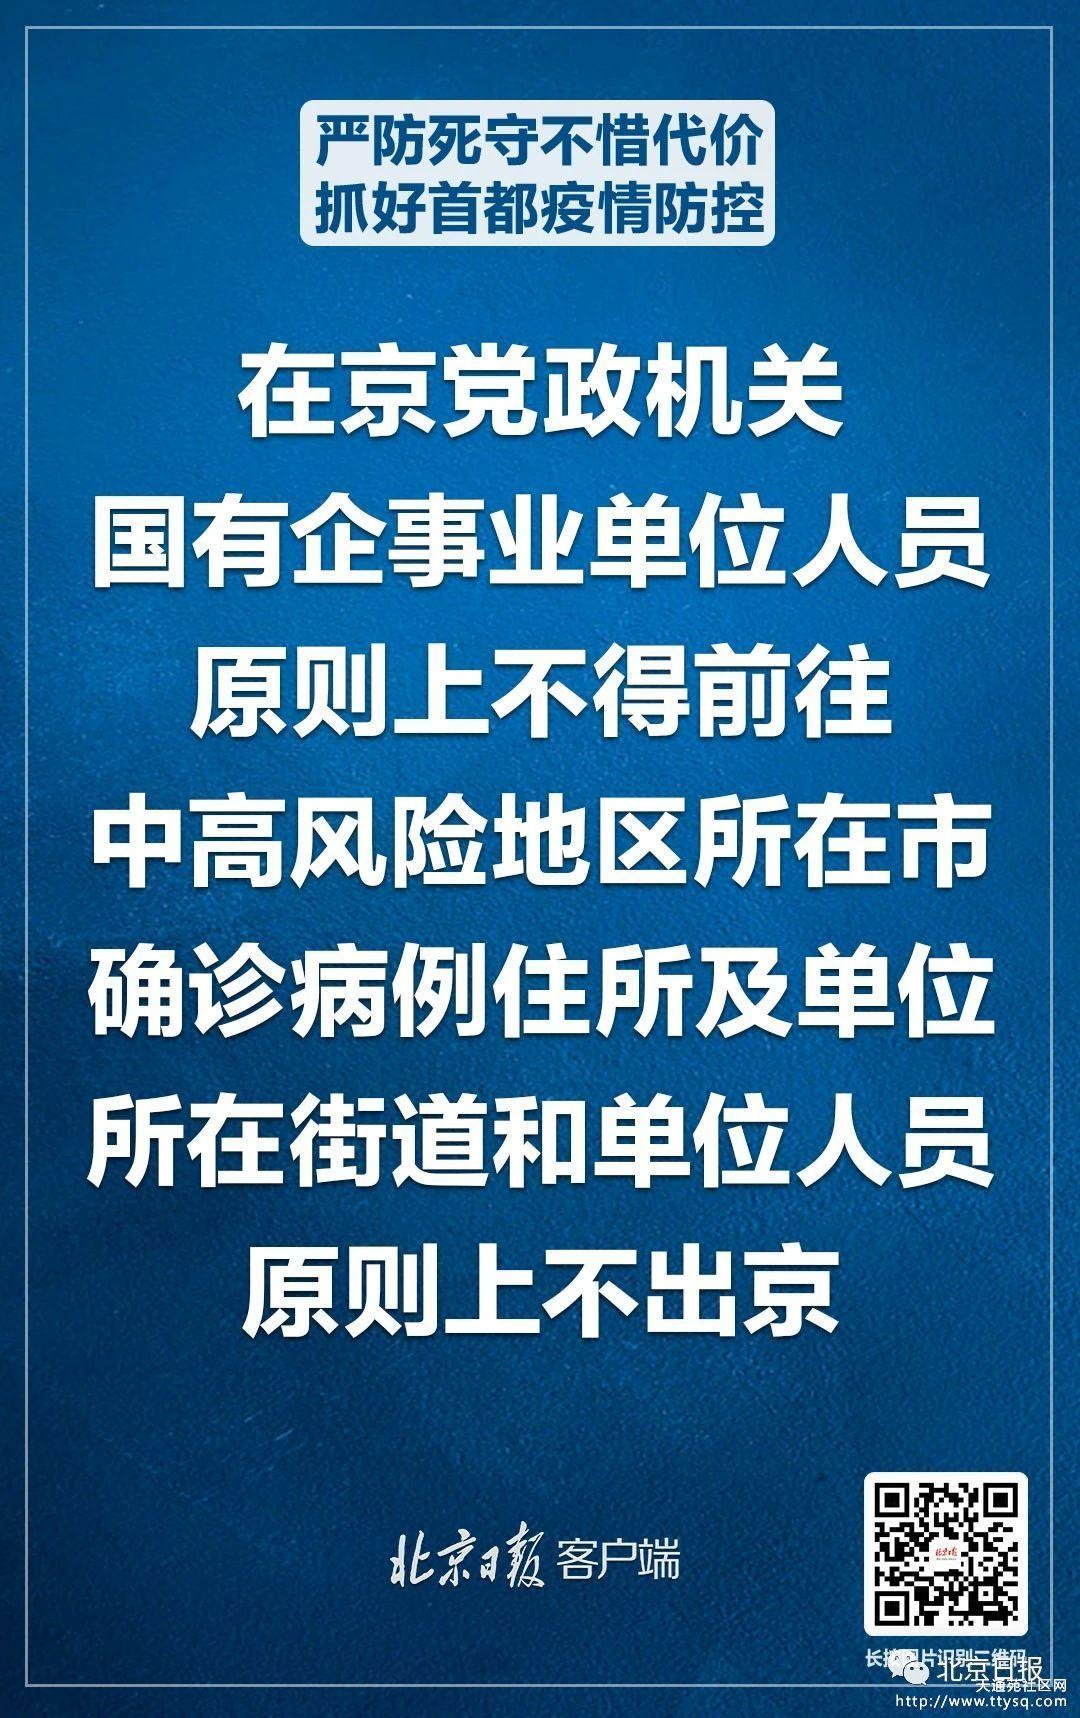 北京升级进京管控!从严从紧抓好首都疫情防控,9个方面要严防死守